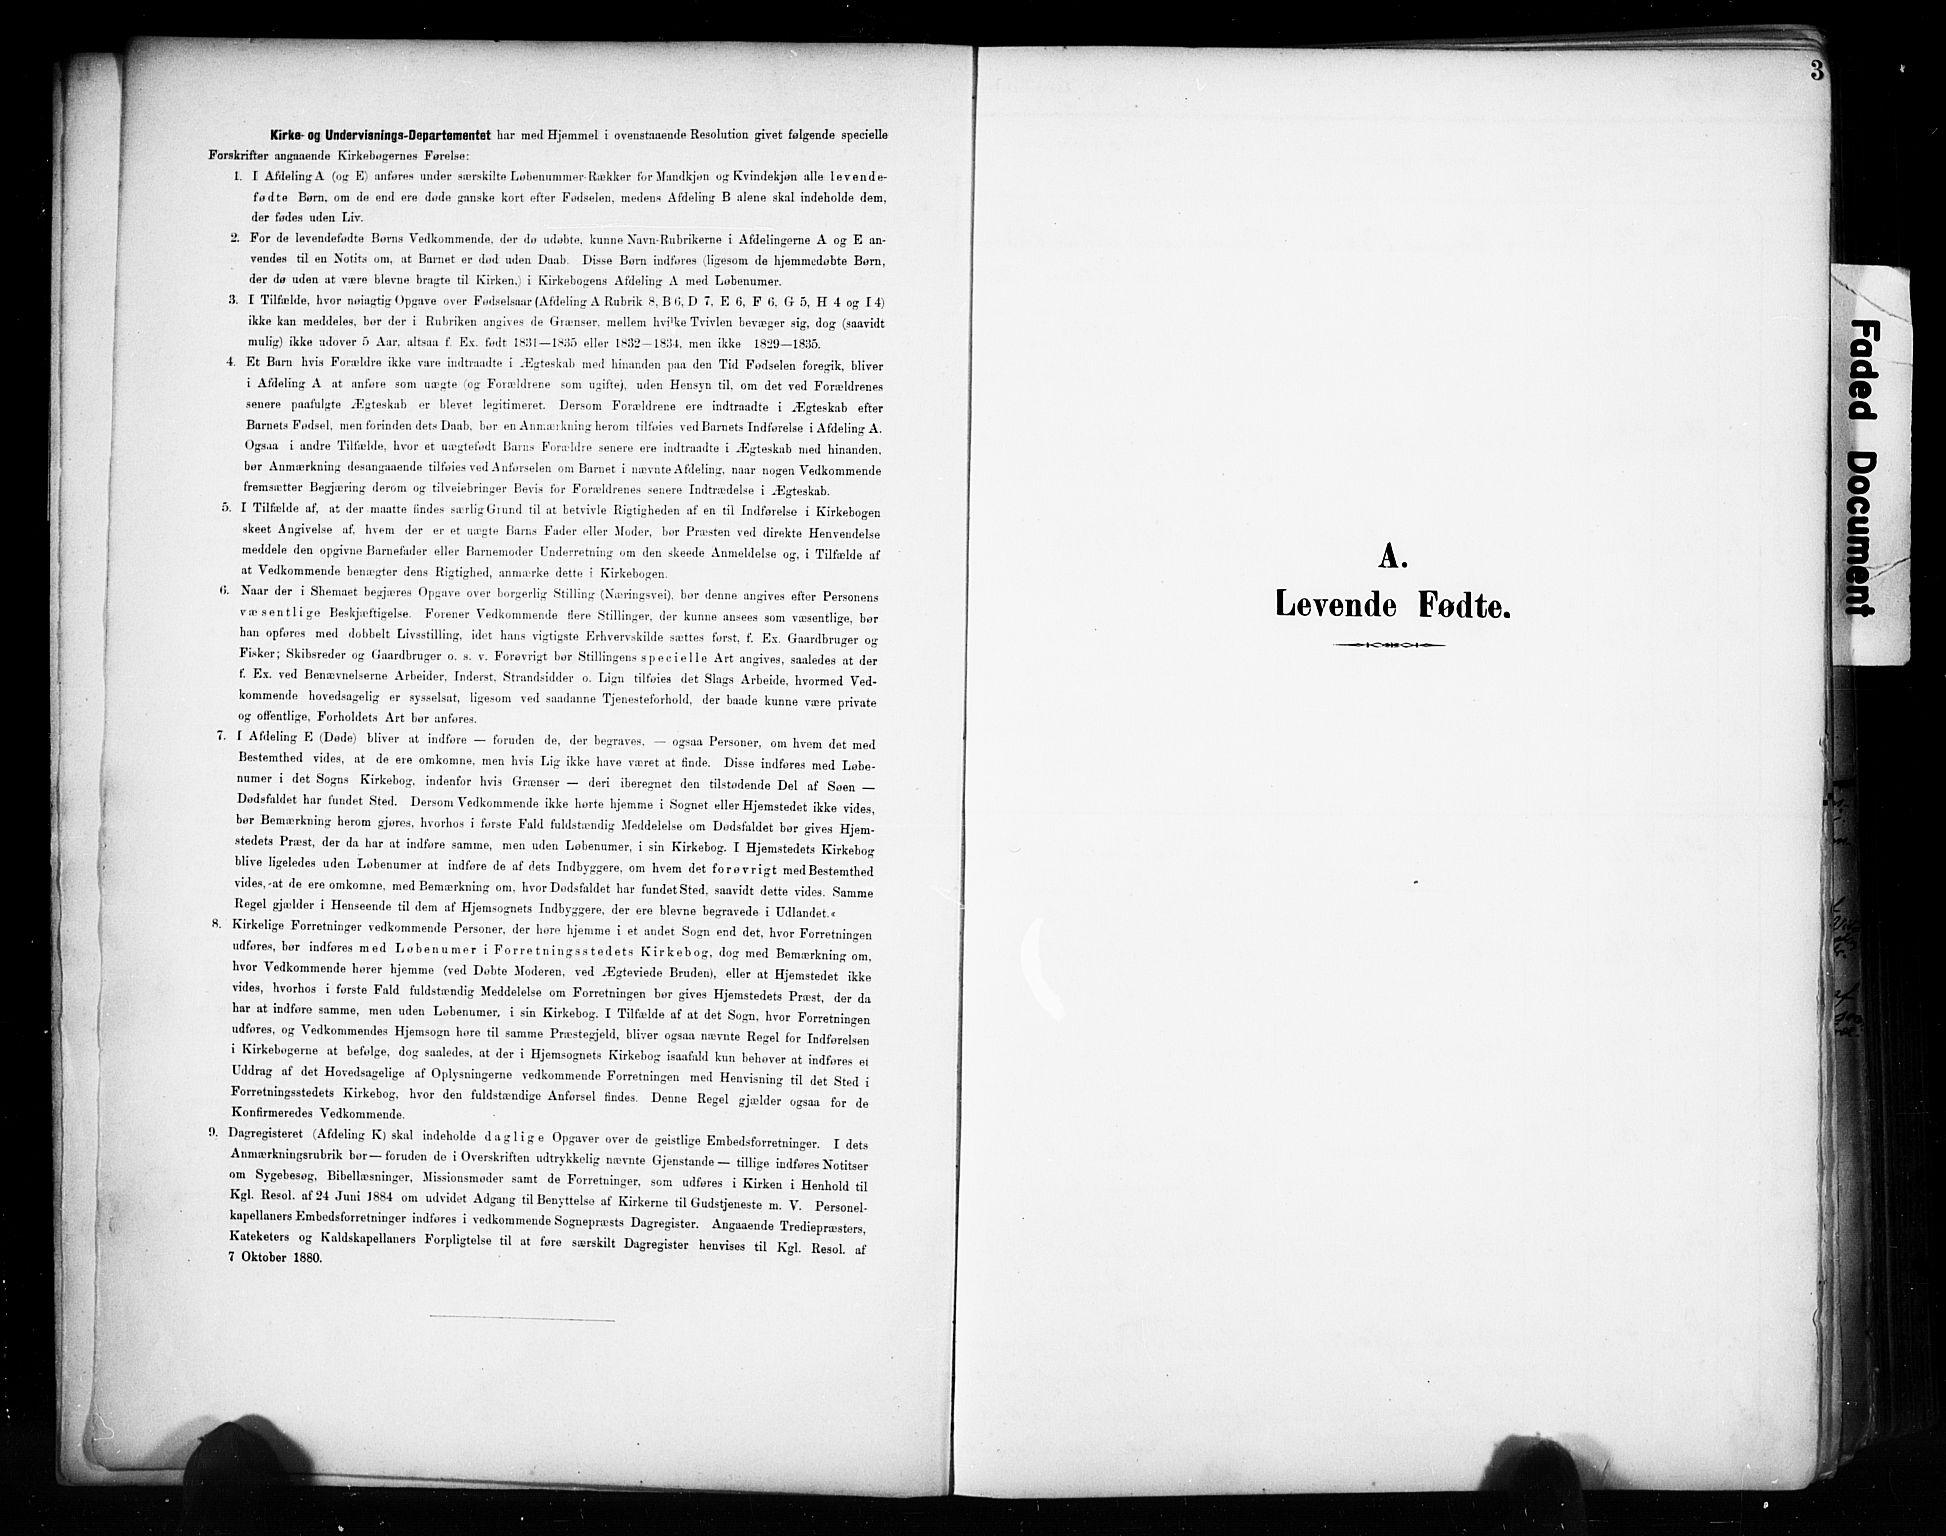 SAH, Vestre Toten prestekontor, Ministerialbok nr. 11, 1895-1906, s. 3